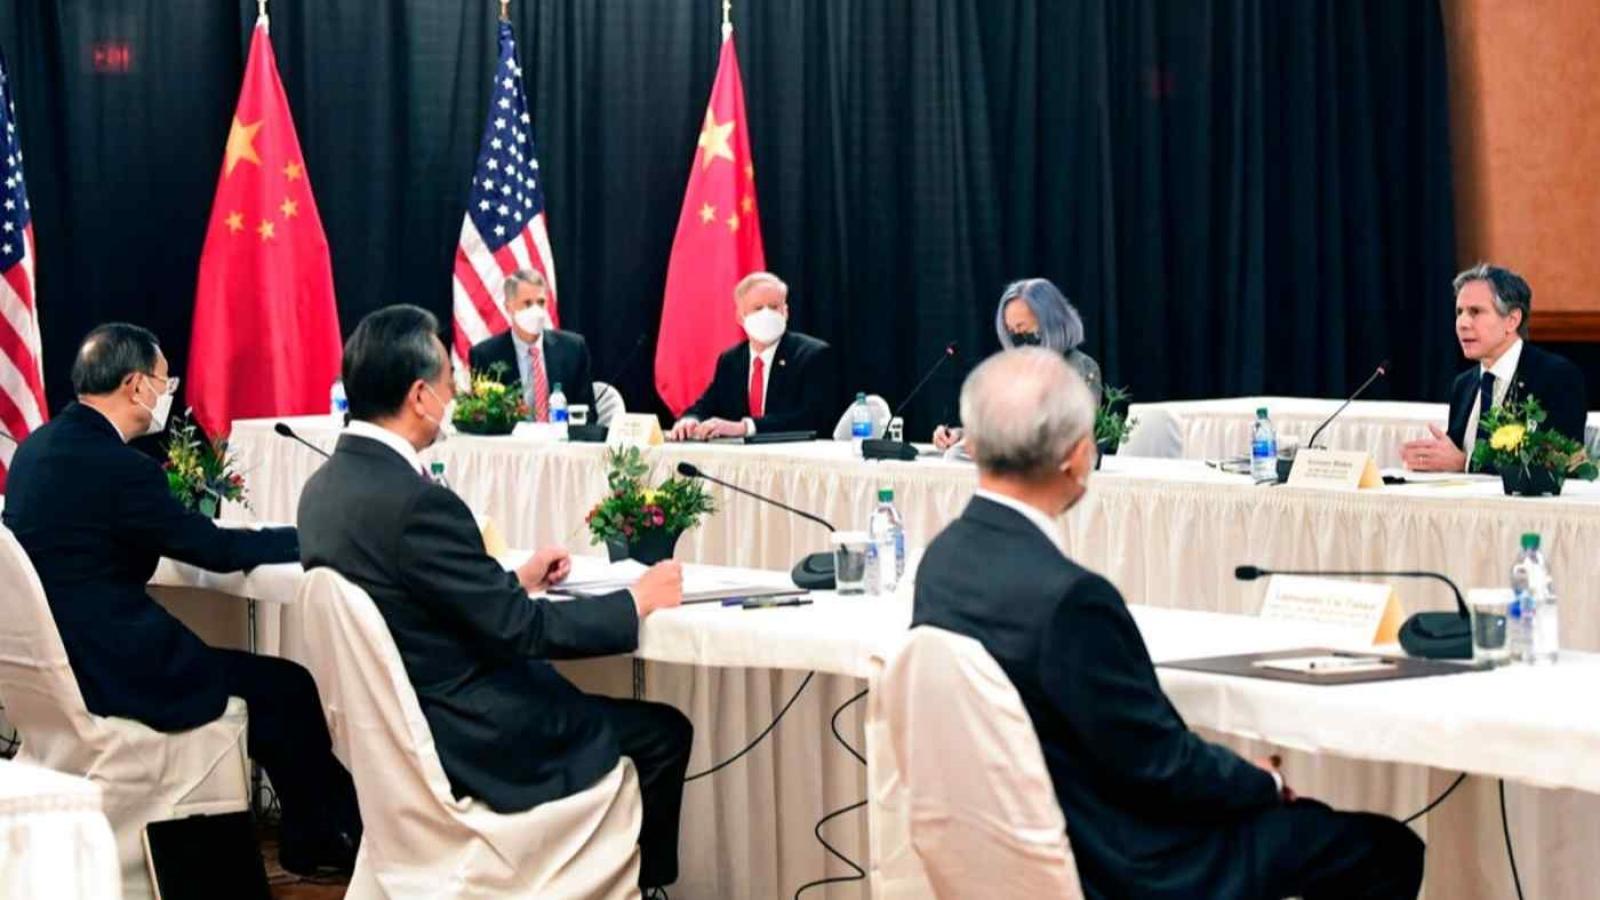 Ba khía cạnh Mỹ - Trung có thể hợp tác sau cuộc gặp ở Alaska